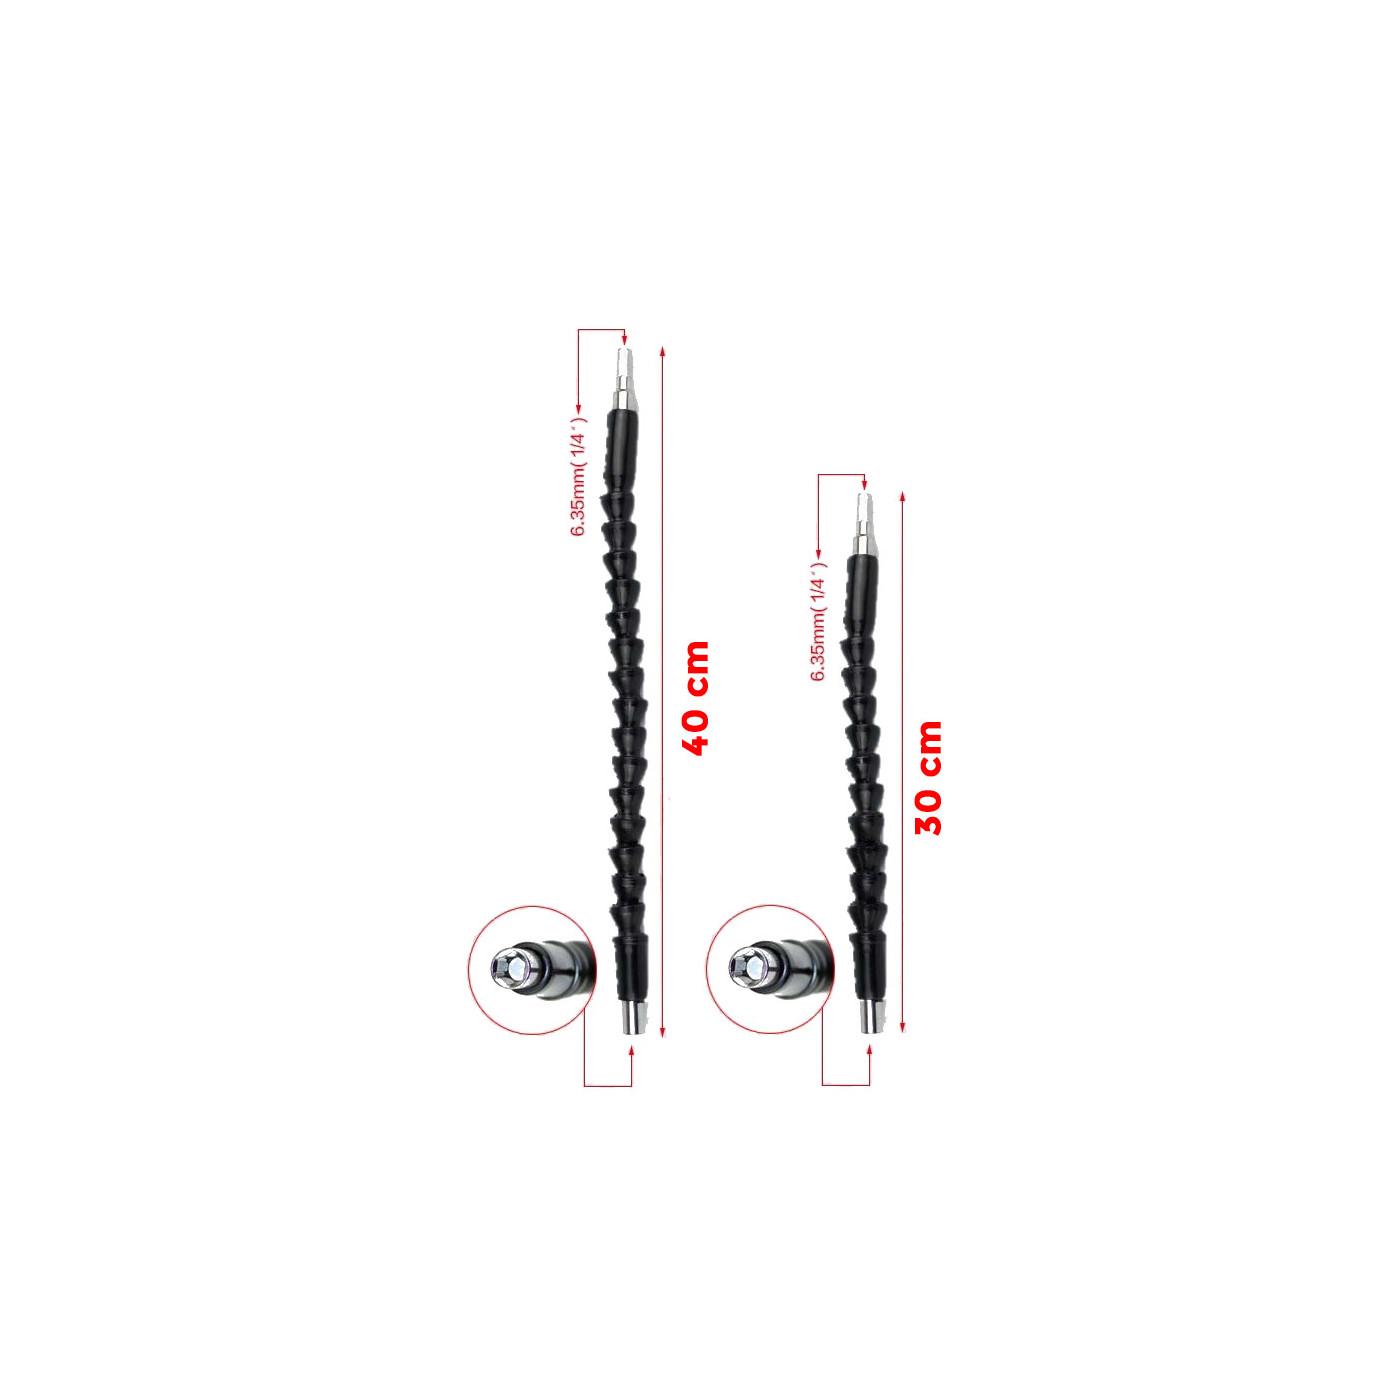 Set van 2 flexibele bit verlengstukken (30+40 cm)